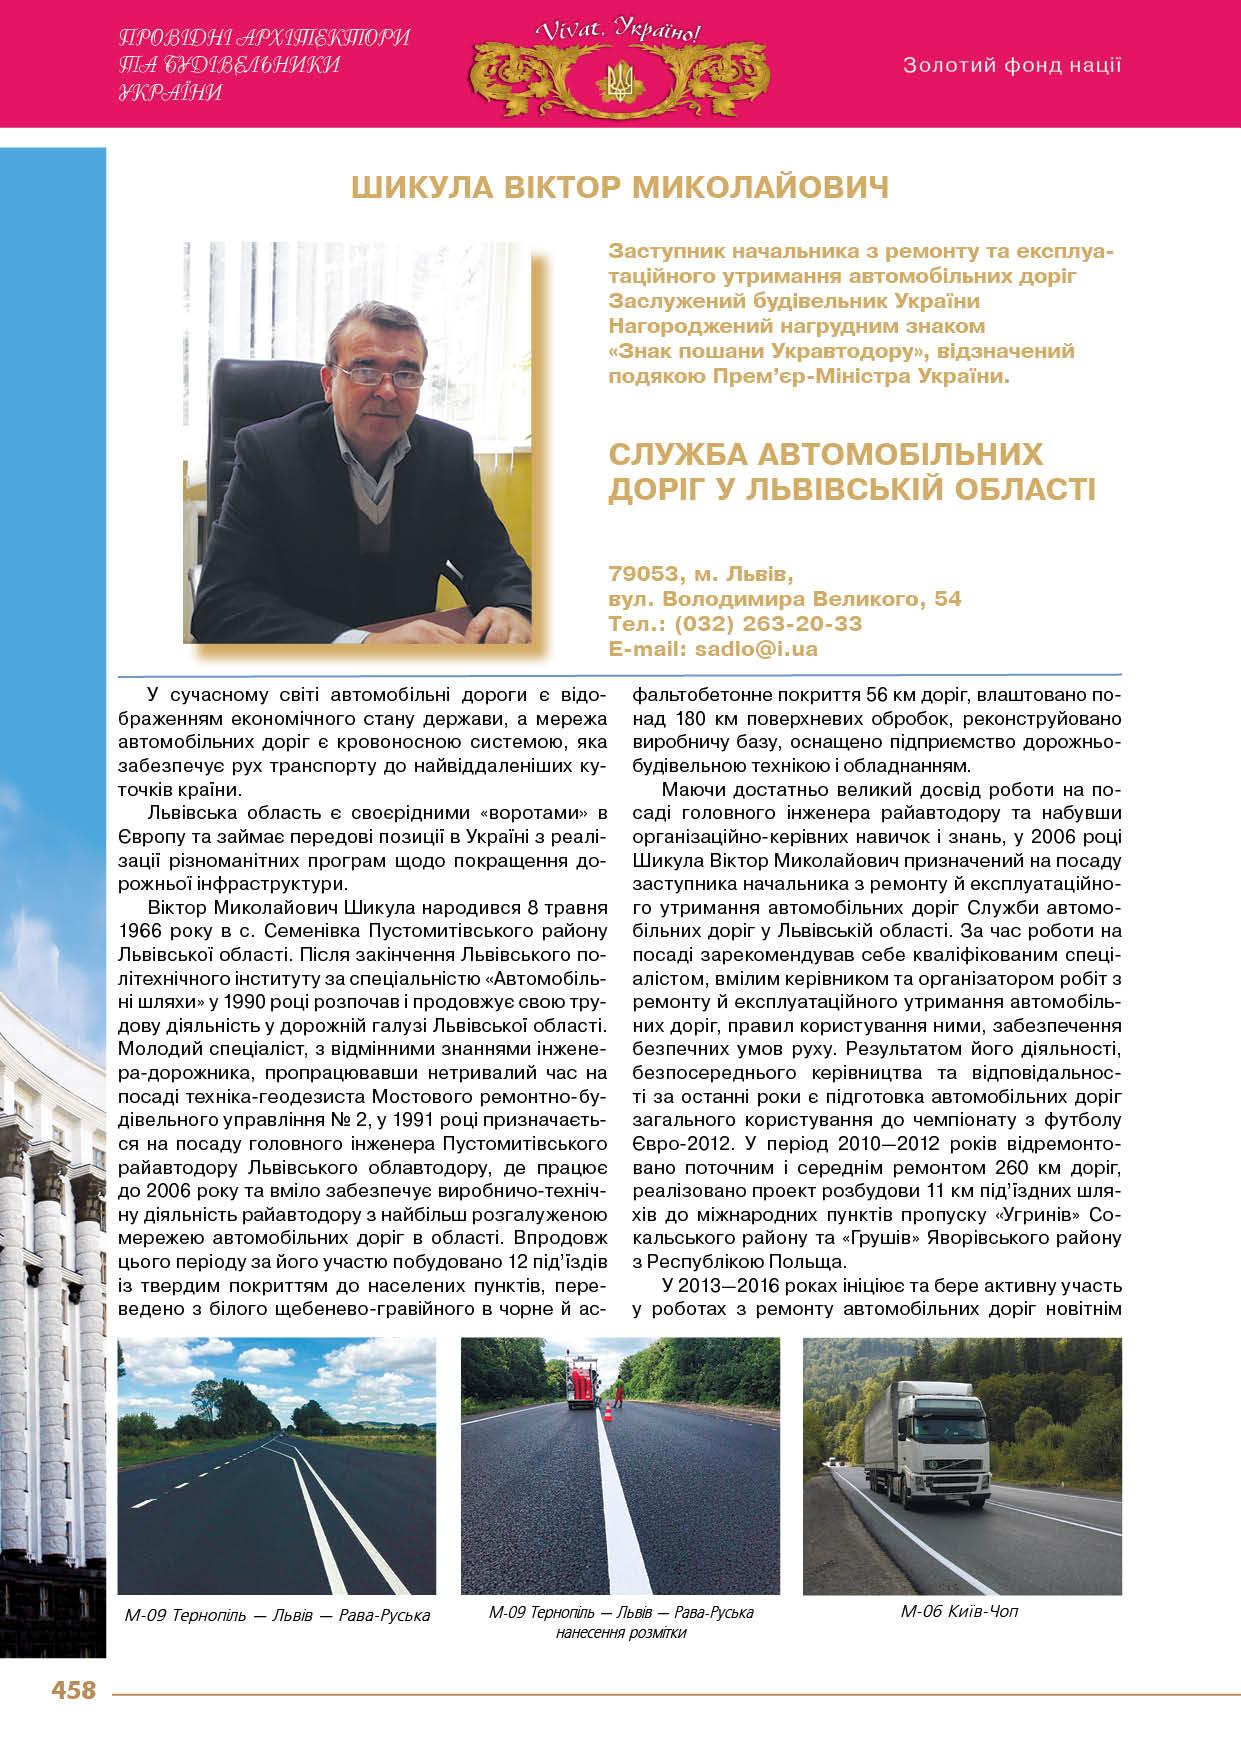 Шикула Віктор Миколайович